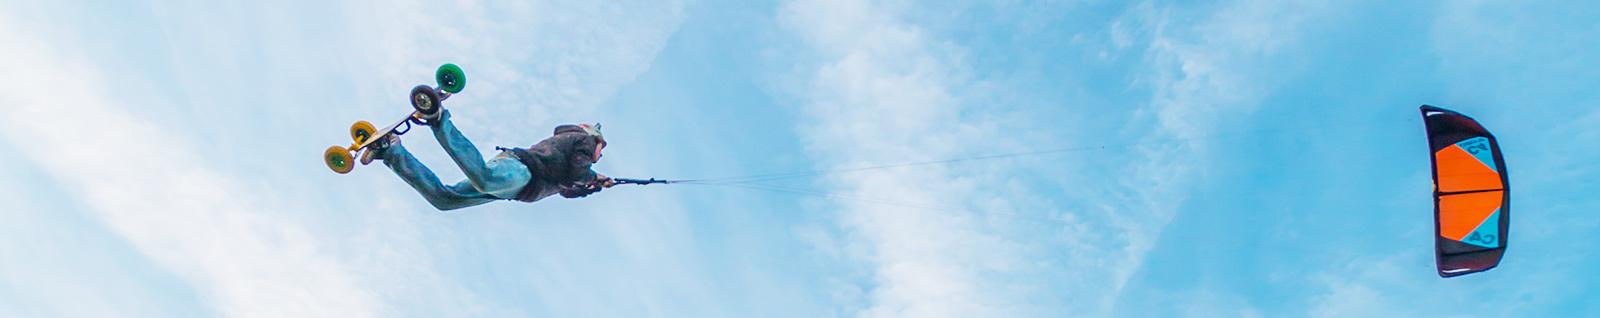 Kite-Boarding-Slide